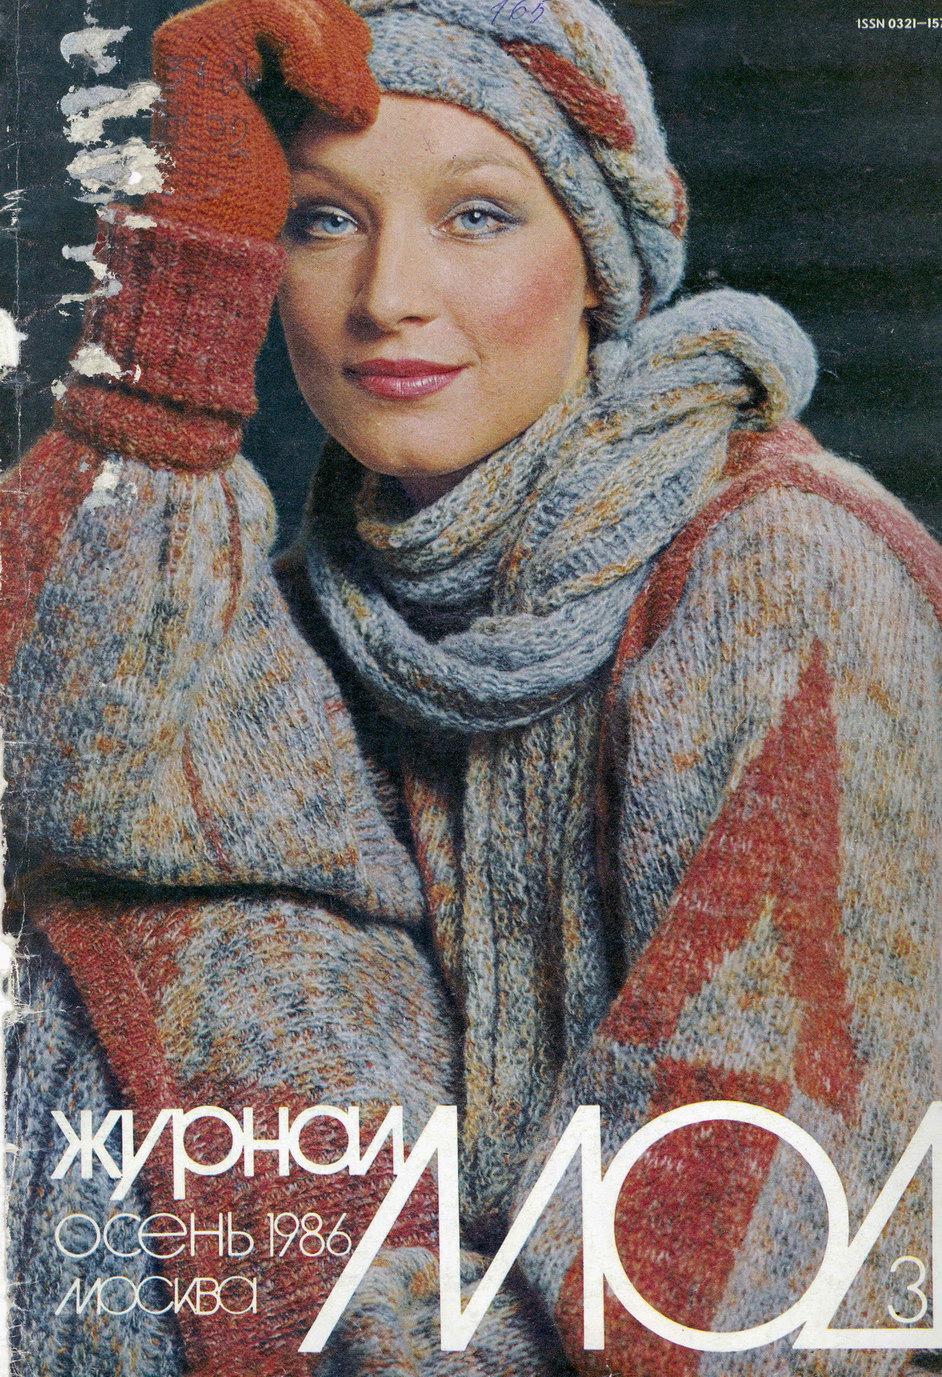 у кого есть старые журналы по вязанию вязание спицами и крючком